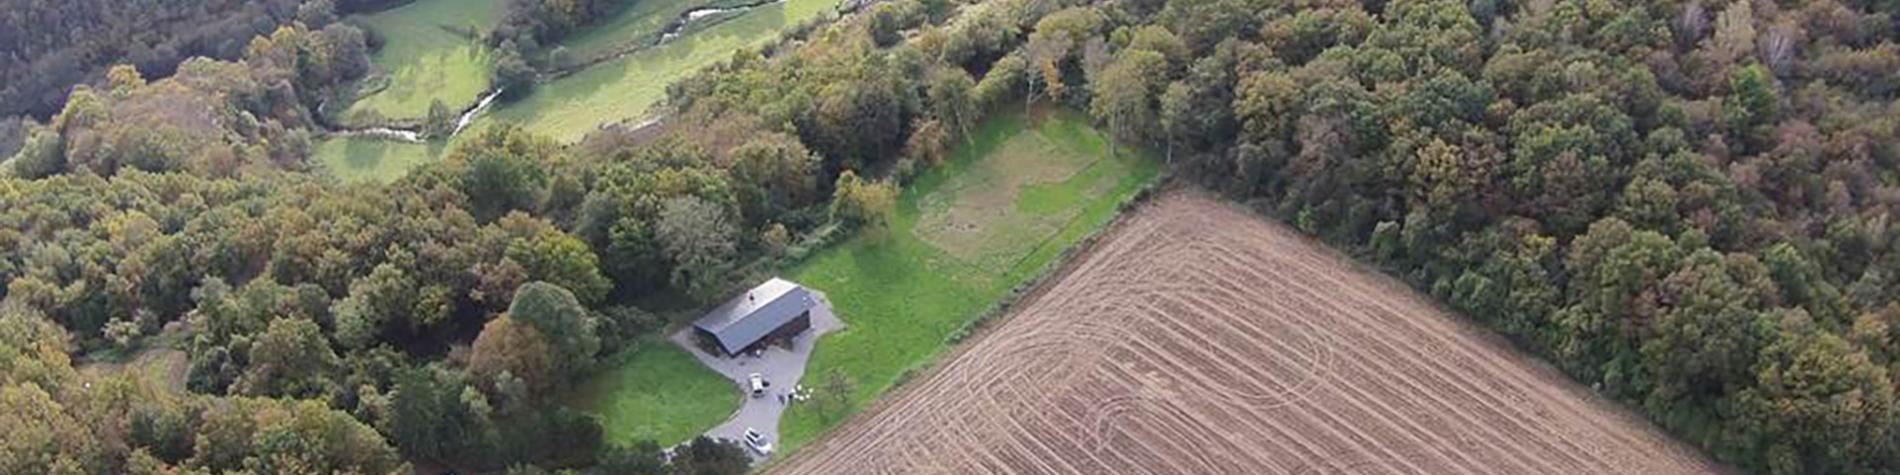 Le Refuge - Meublé de vacances - Maredsous - Plus Beaux Villages de Wallonie - 12 personnes